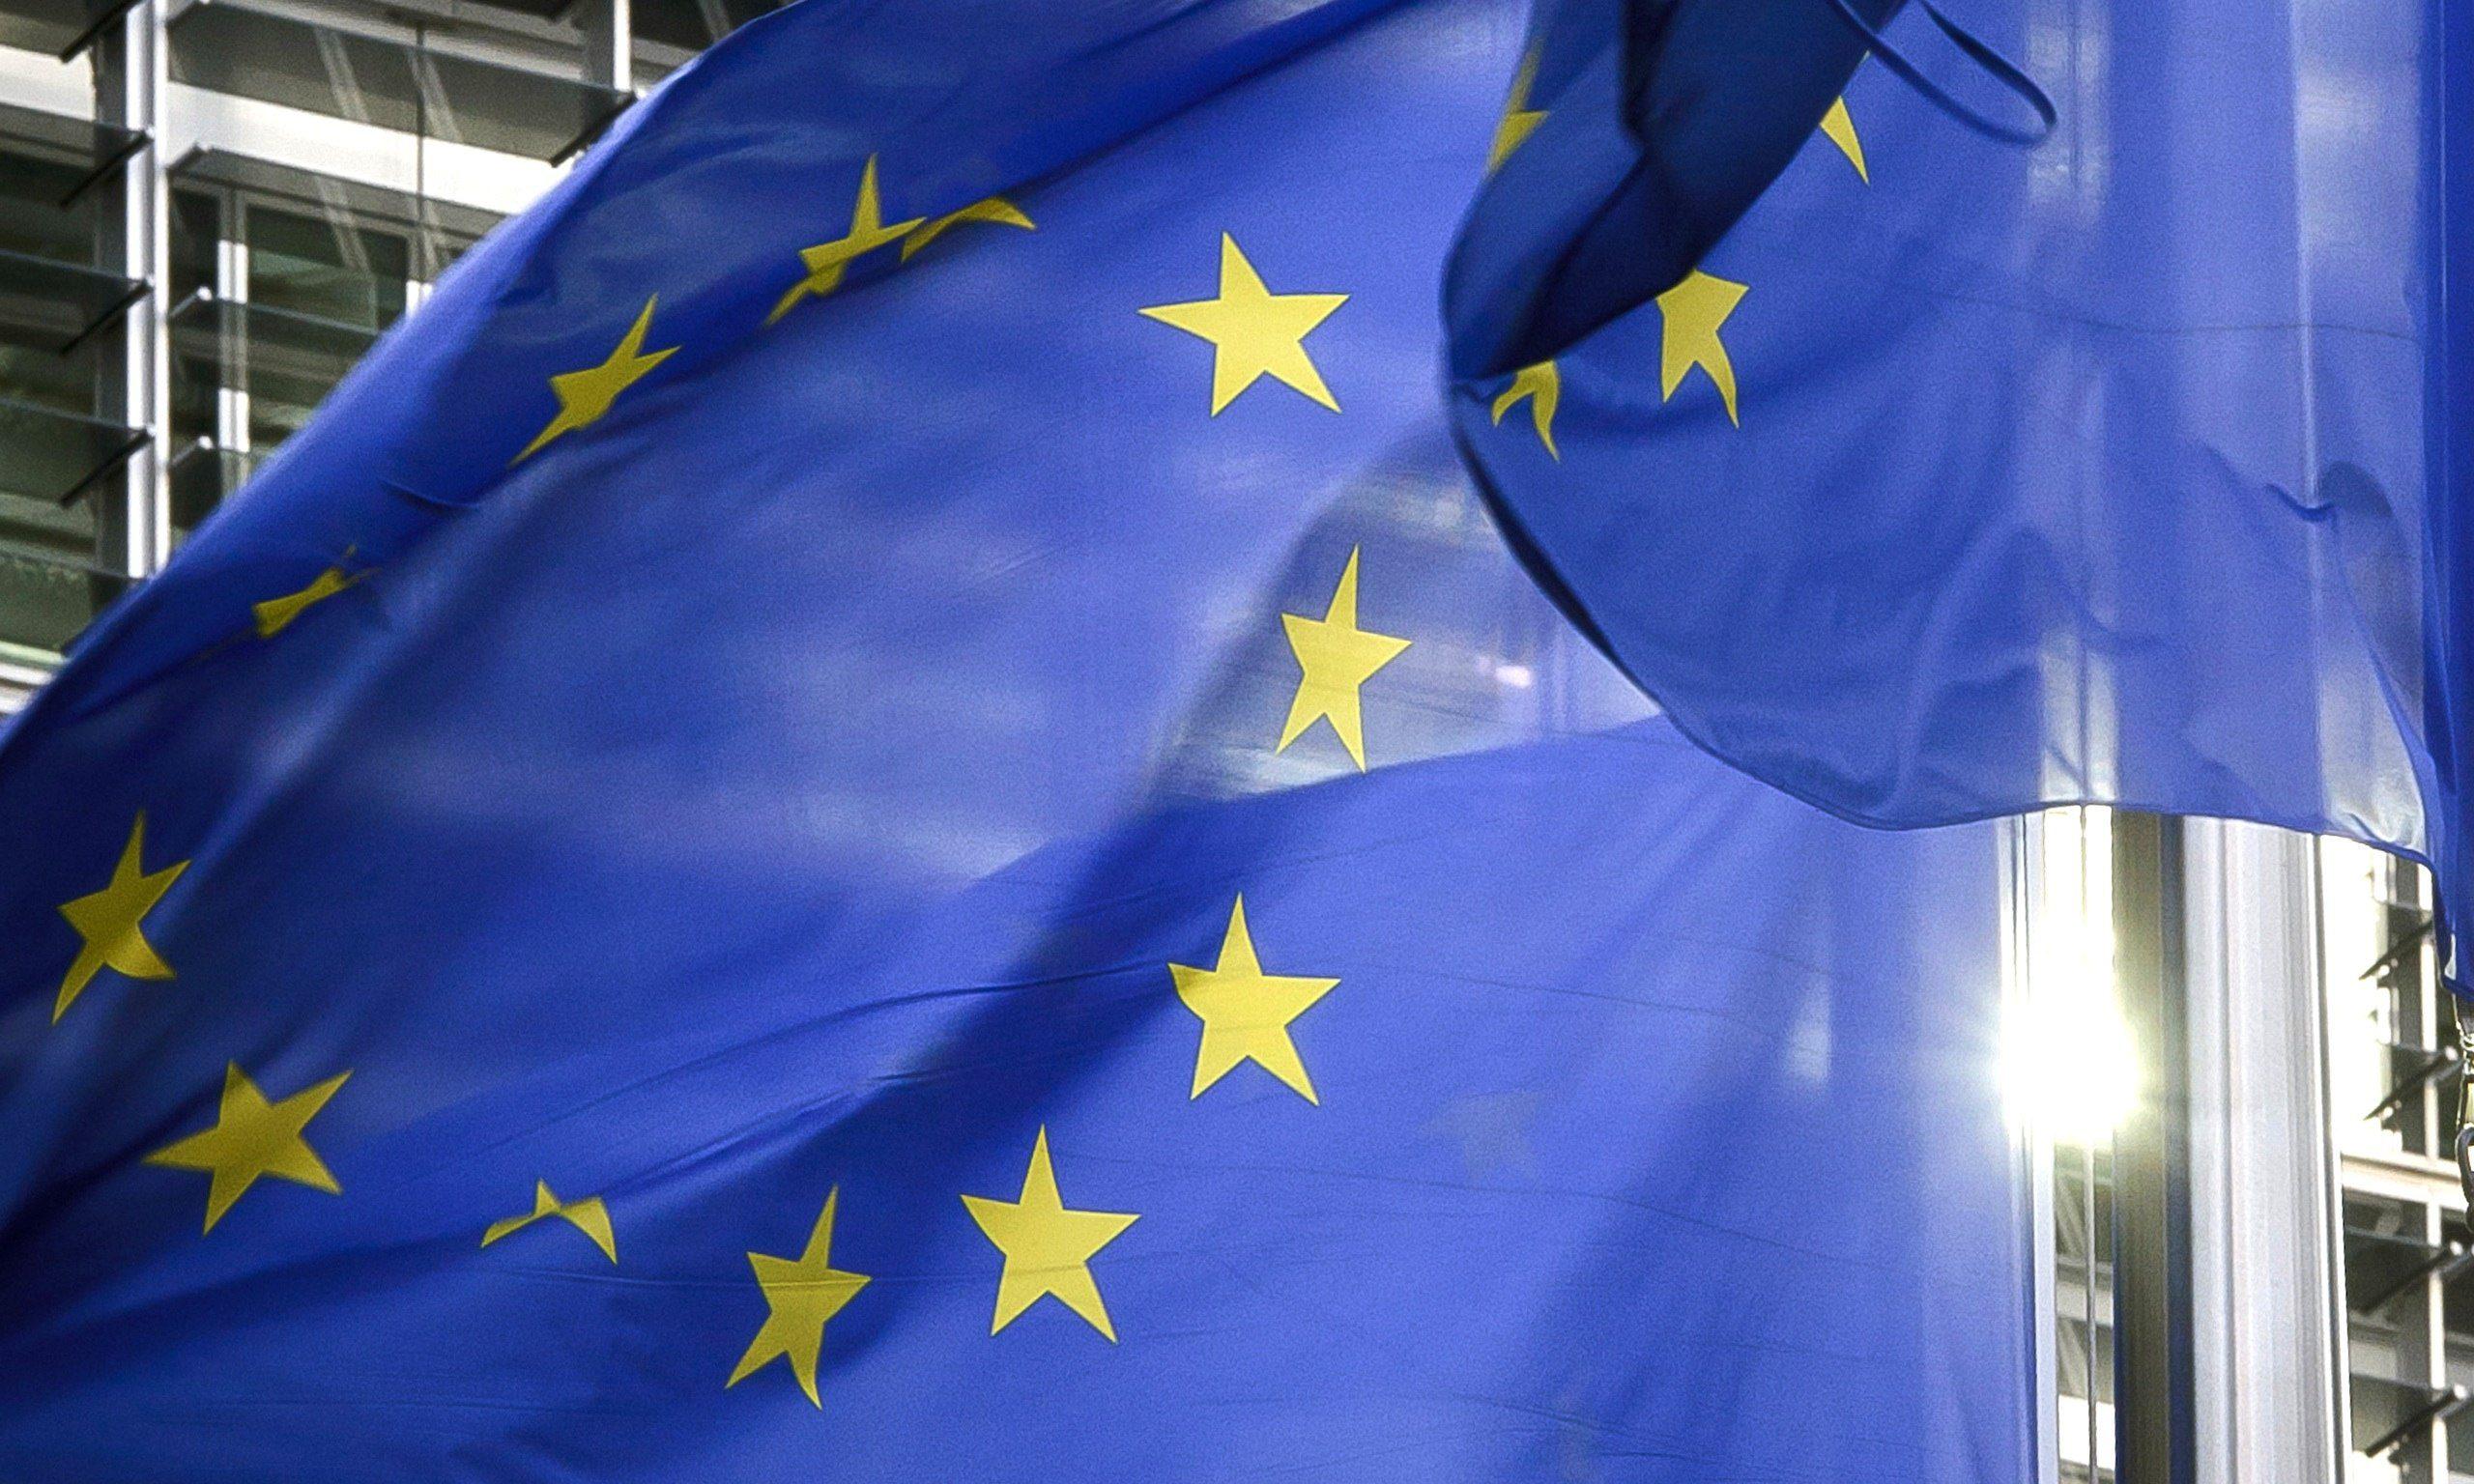 EU Stop fakes, scegli l'originale! La campagna dell'Europa contro la contraffazione (video sponsorizzato)